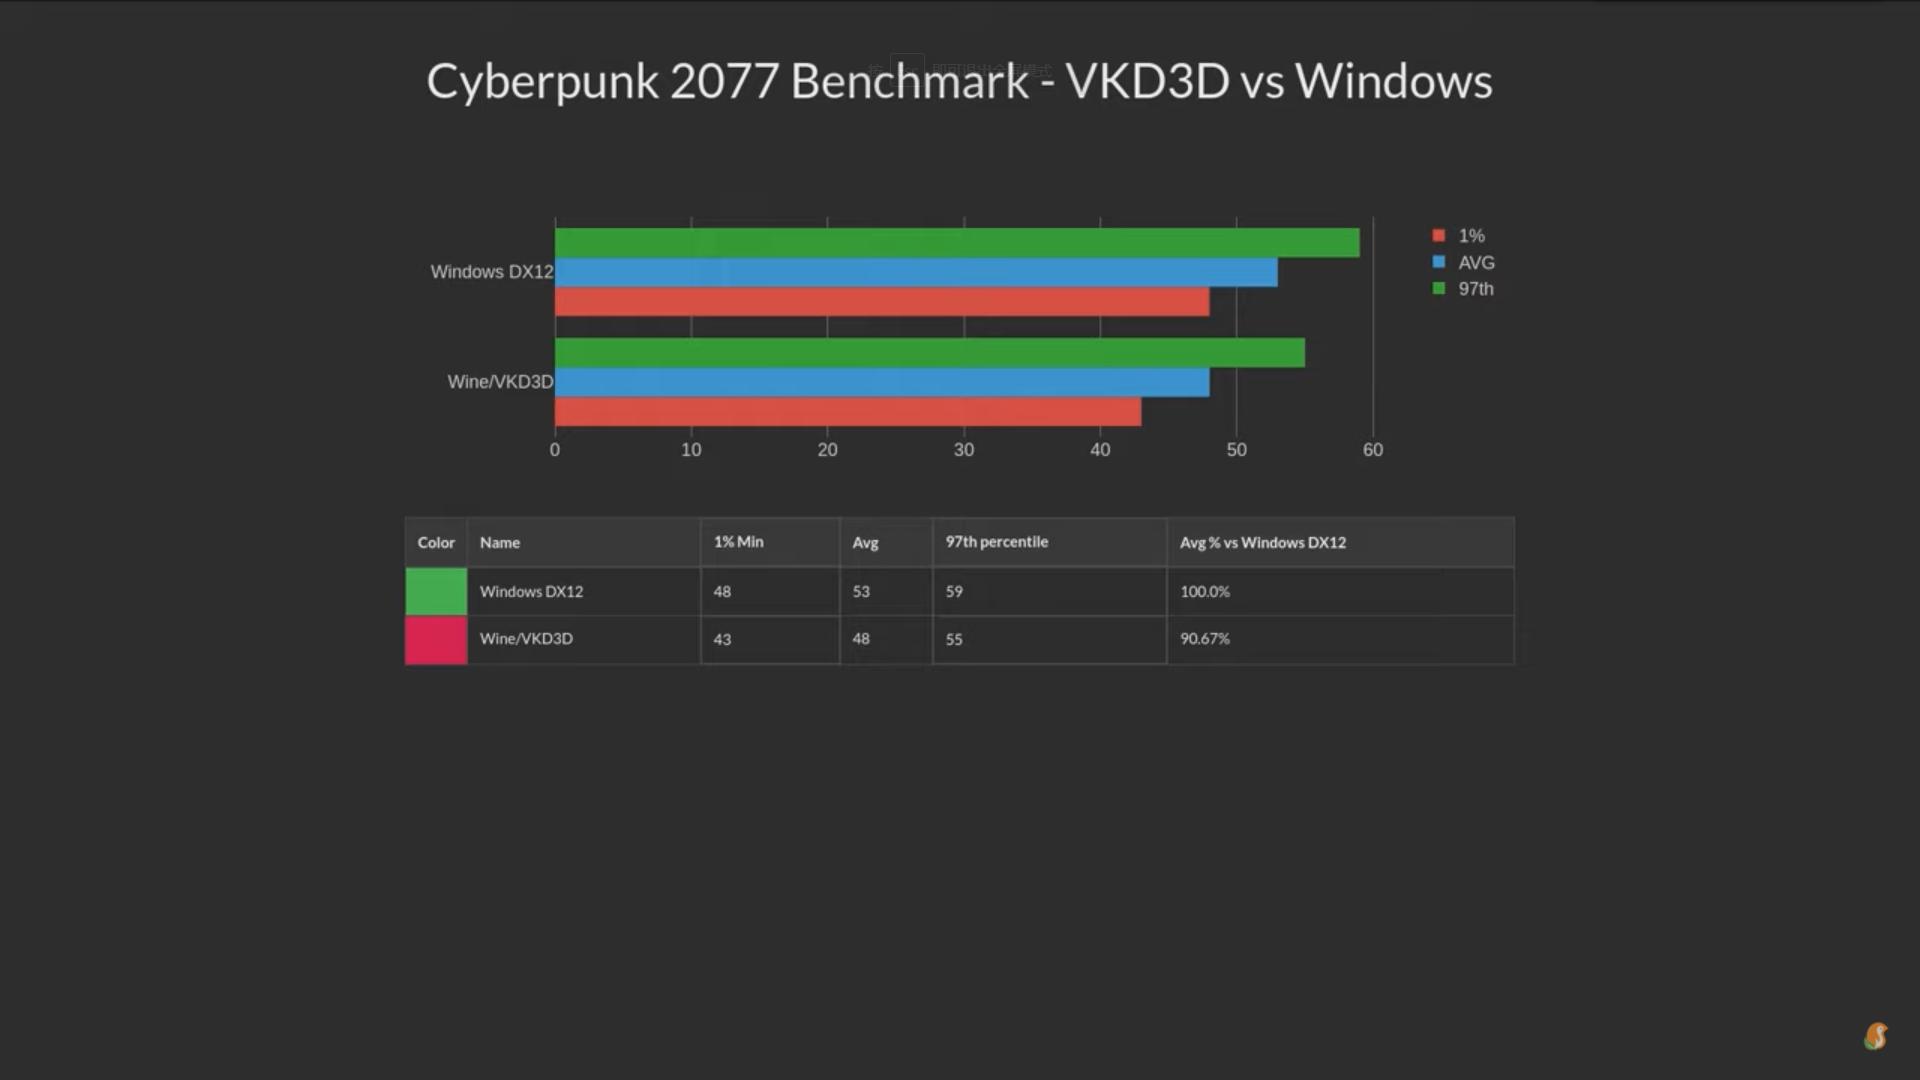 Cyberpunk 2077 在 VKD3D 和 DX12 下的表现